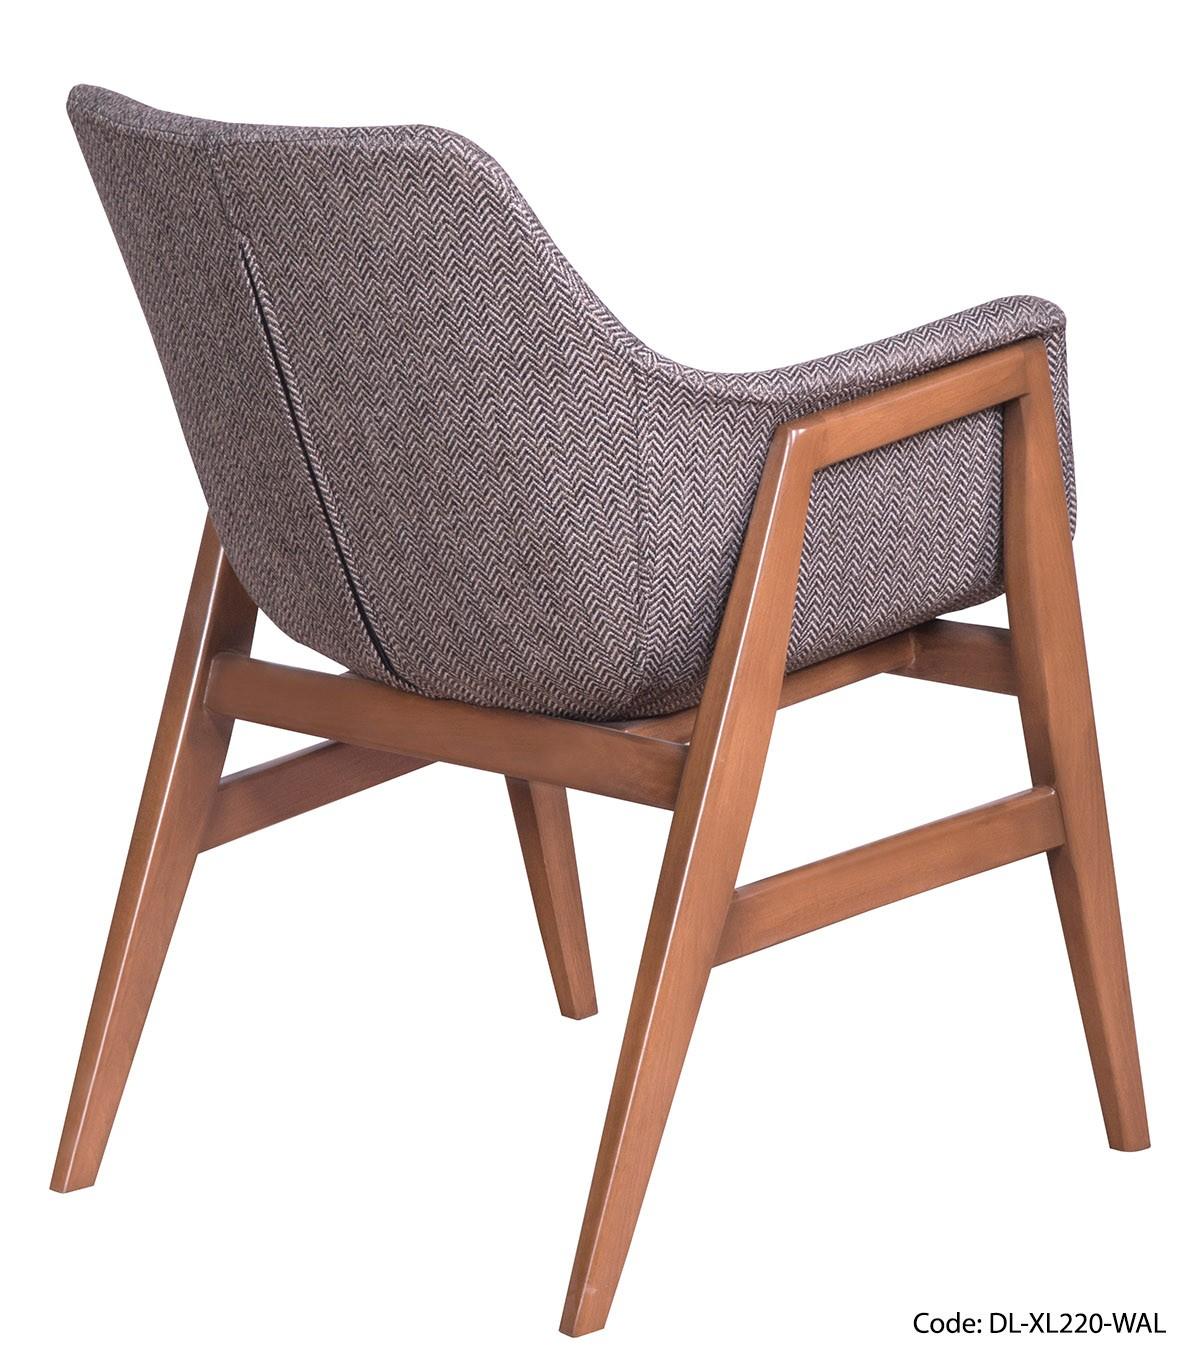 تصویر صندلی ناهار خوری دسته چوبی کد 232